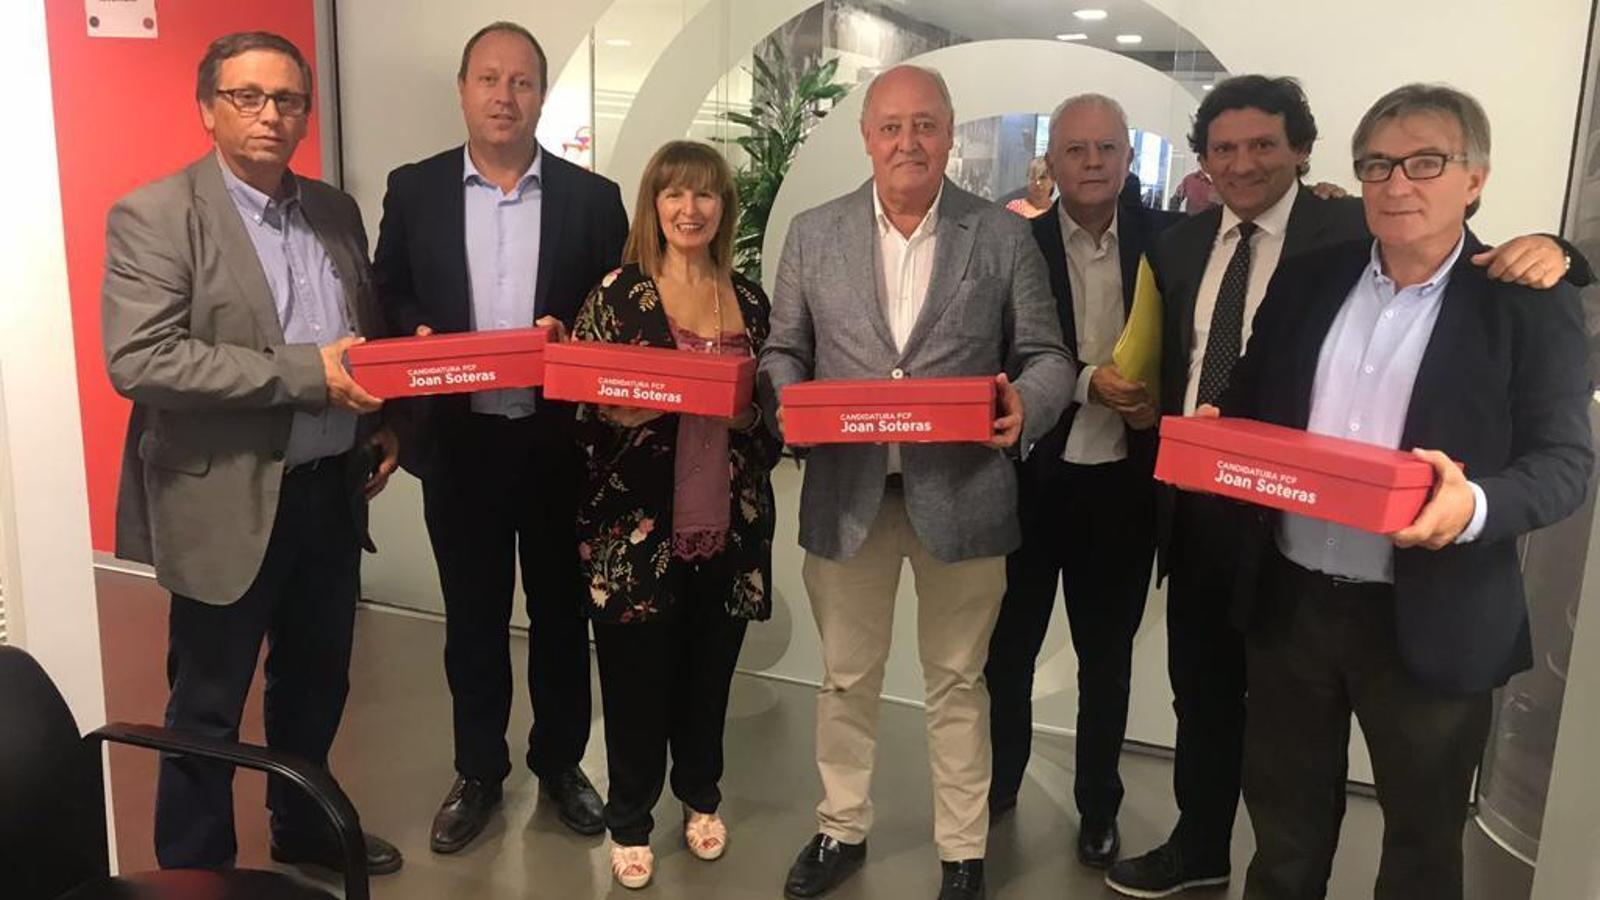 La candidatura de Joan Soteras a la Federació Catalana de futbol